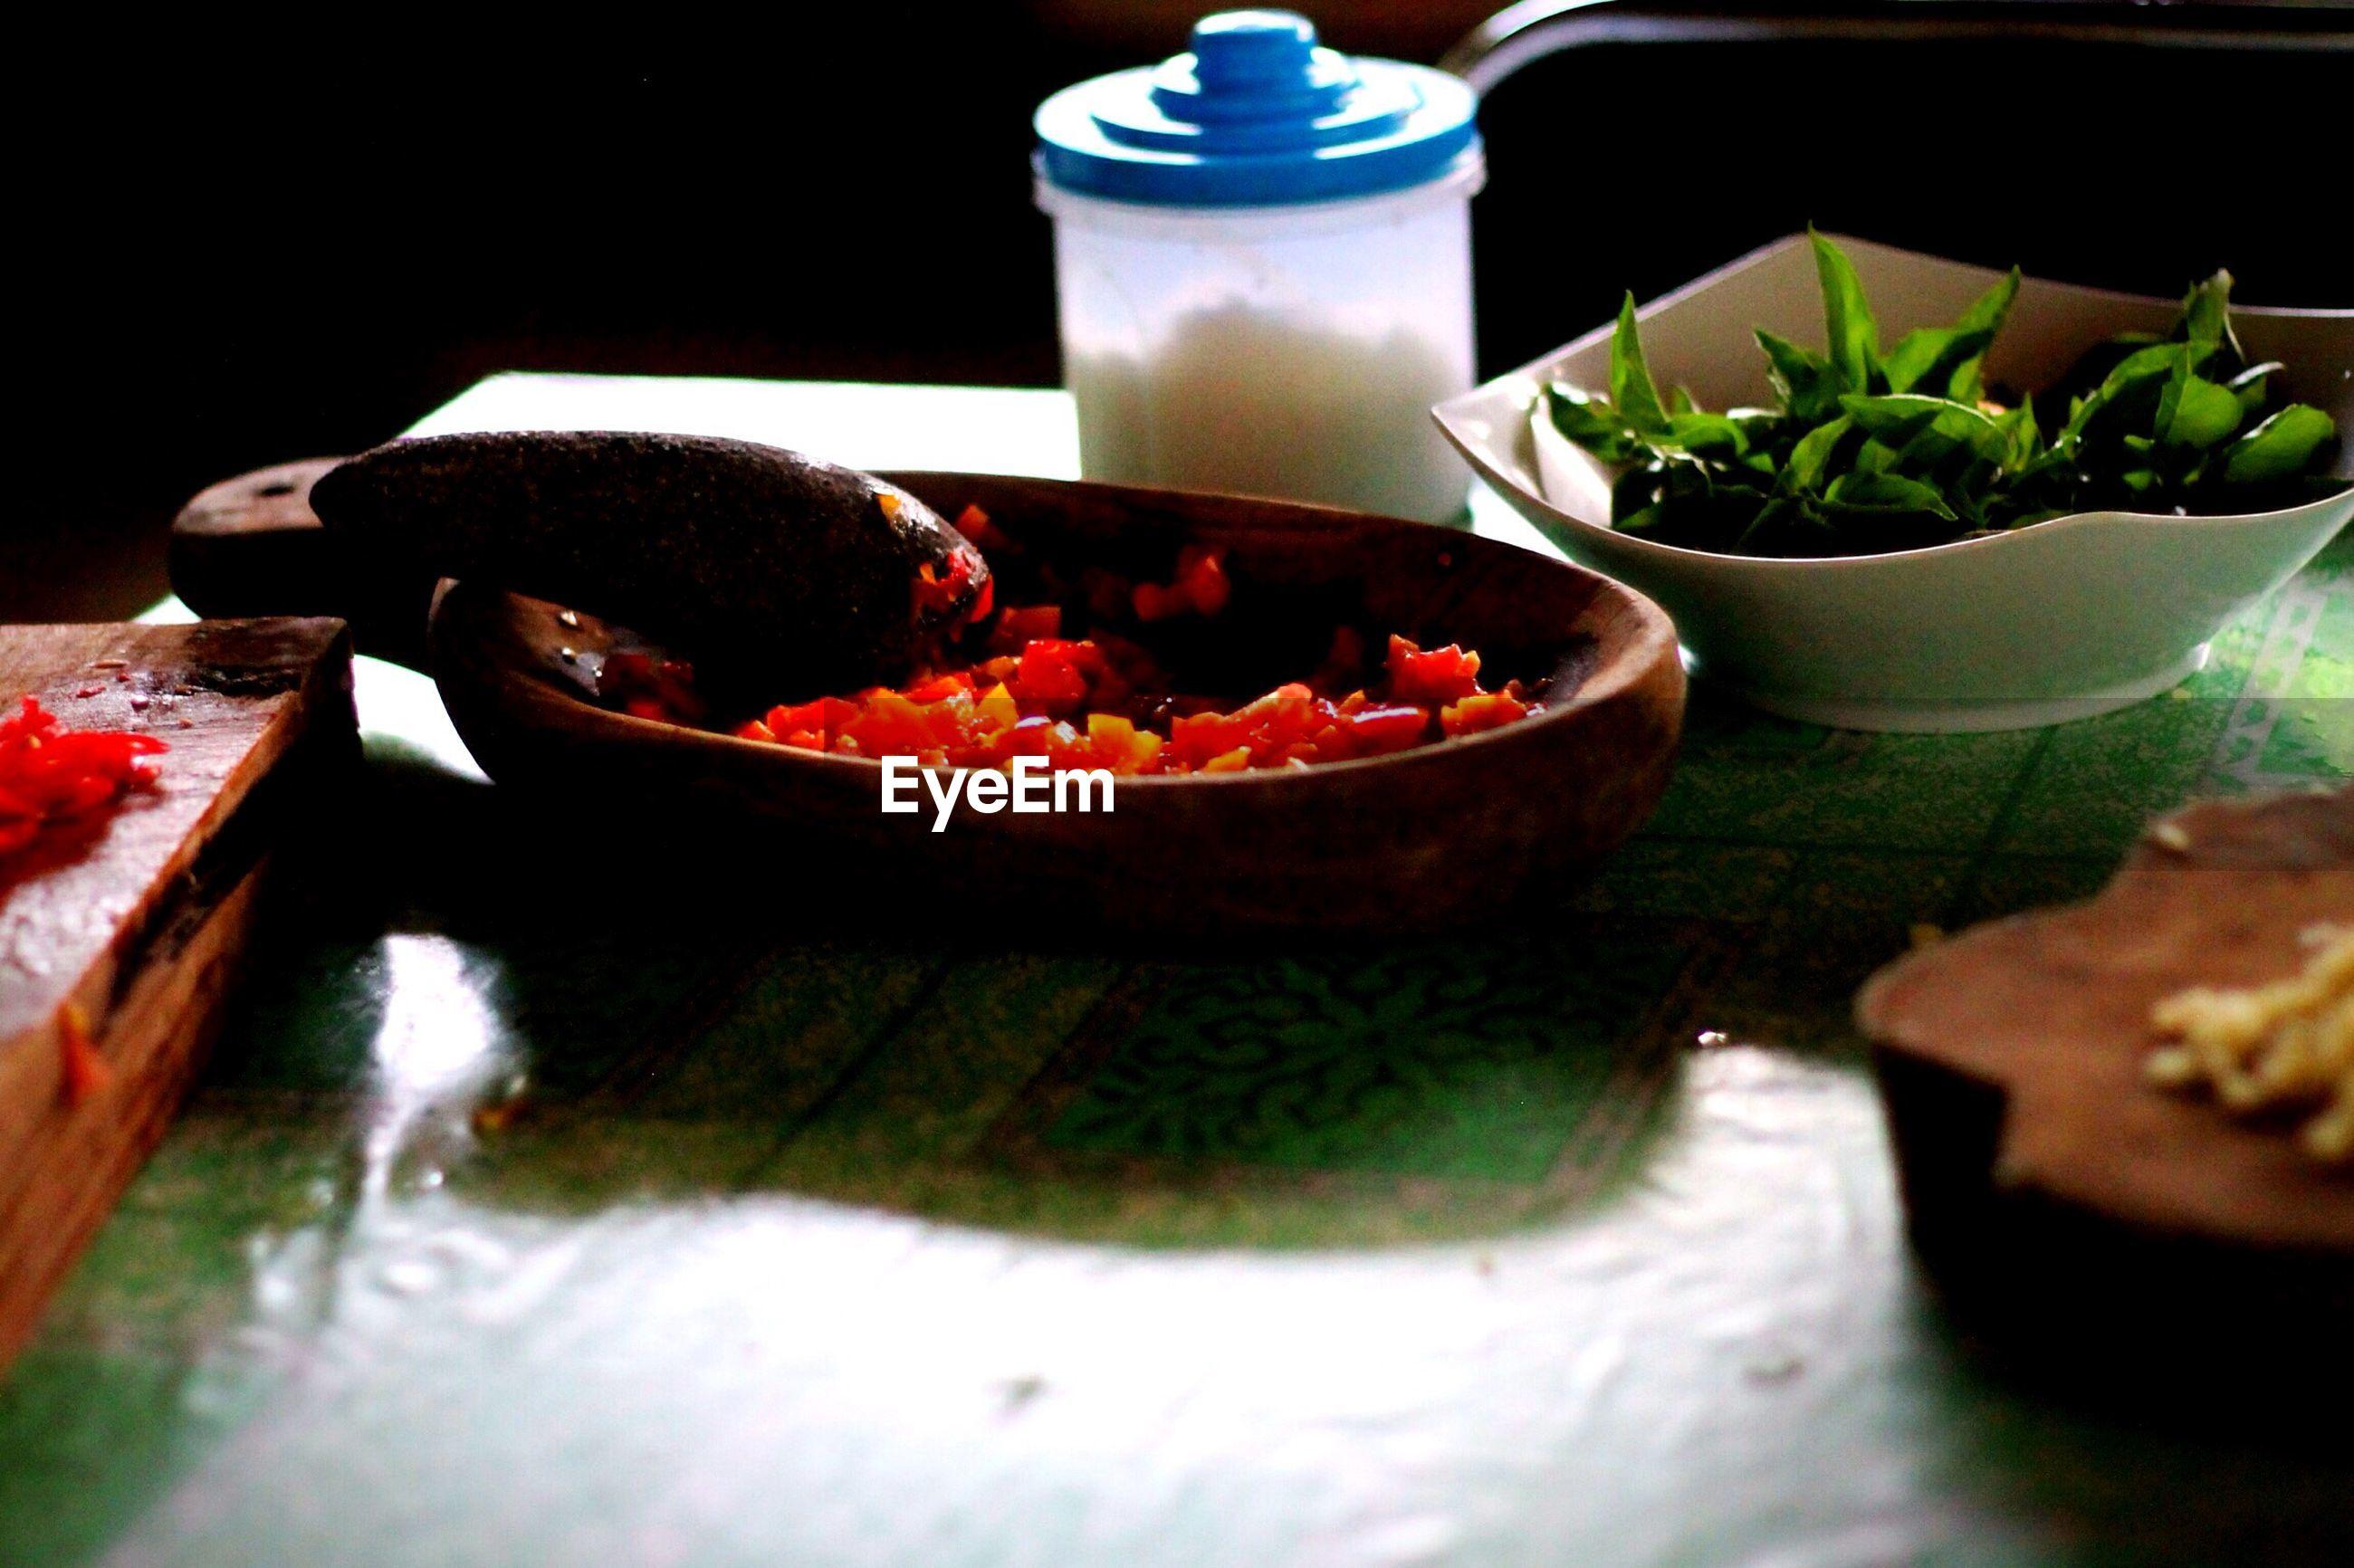 Ingredients to make sambal on table